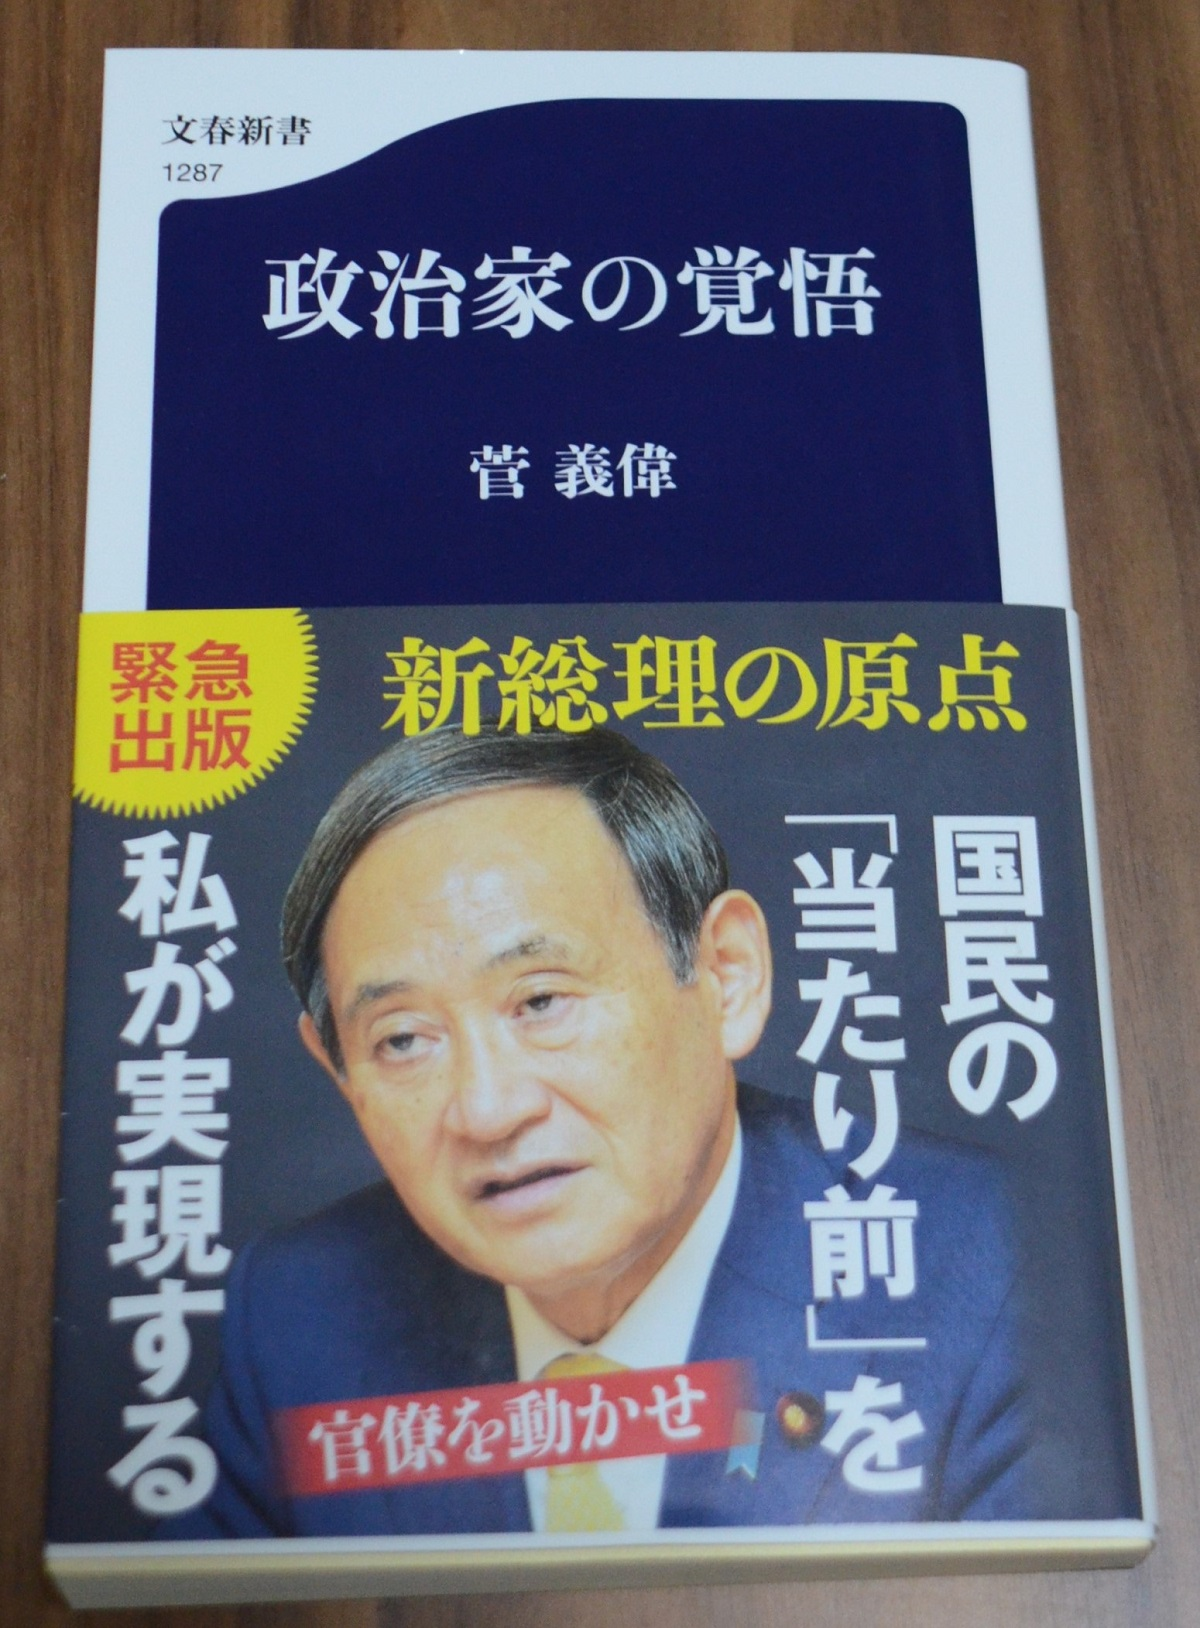 菅首相の著書「政治家の覚悟」